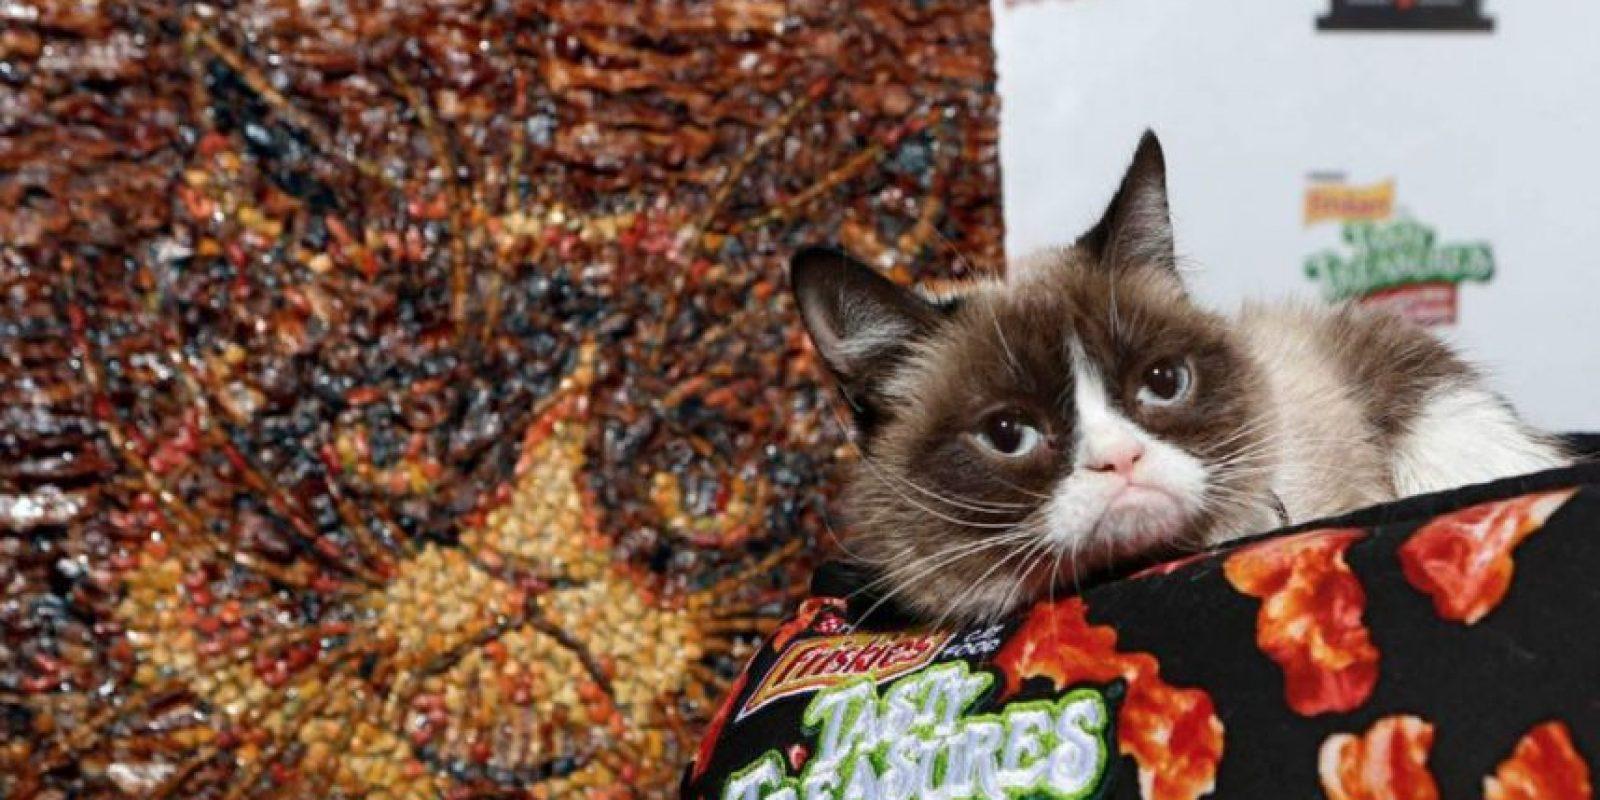 La mercancía licenciada se vende en Hot Topic Foto:Grumpy Cat/Facebook